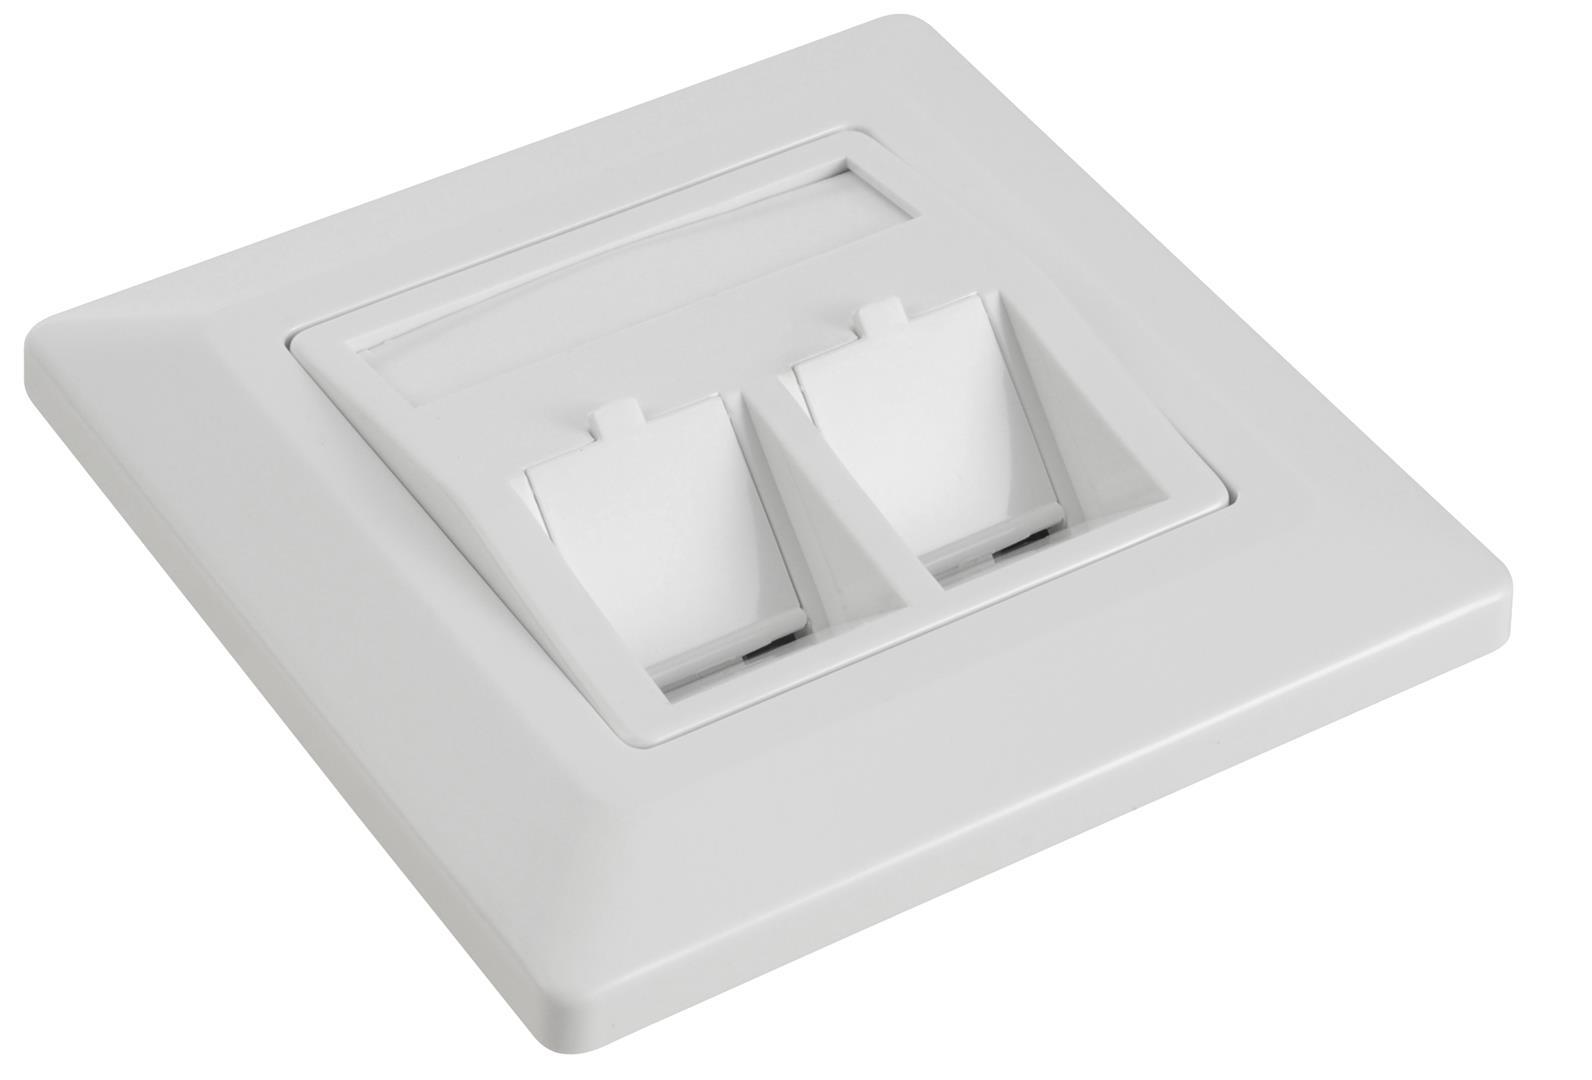 Zásuvka modulární Solarix pro 2 keystony - SX9-2-0-WH